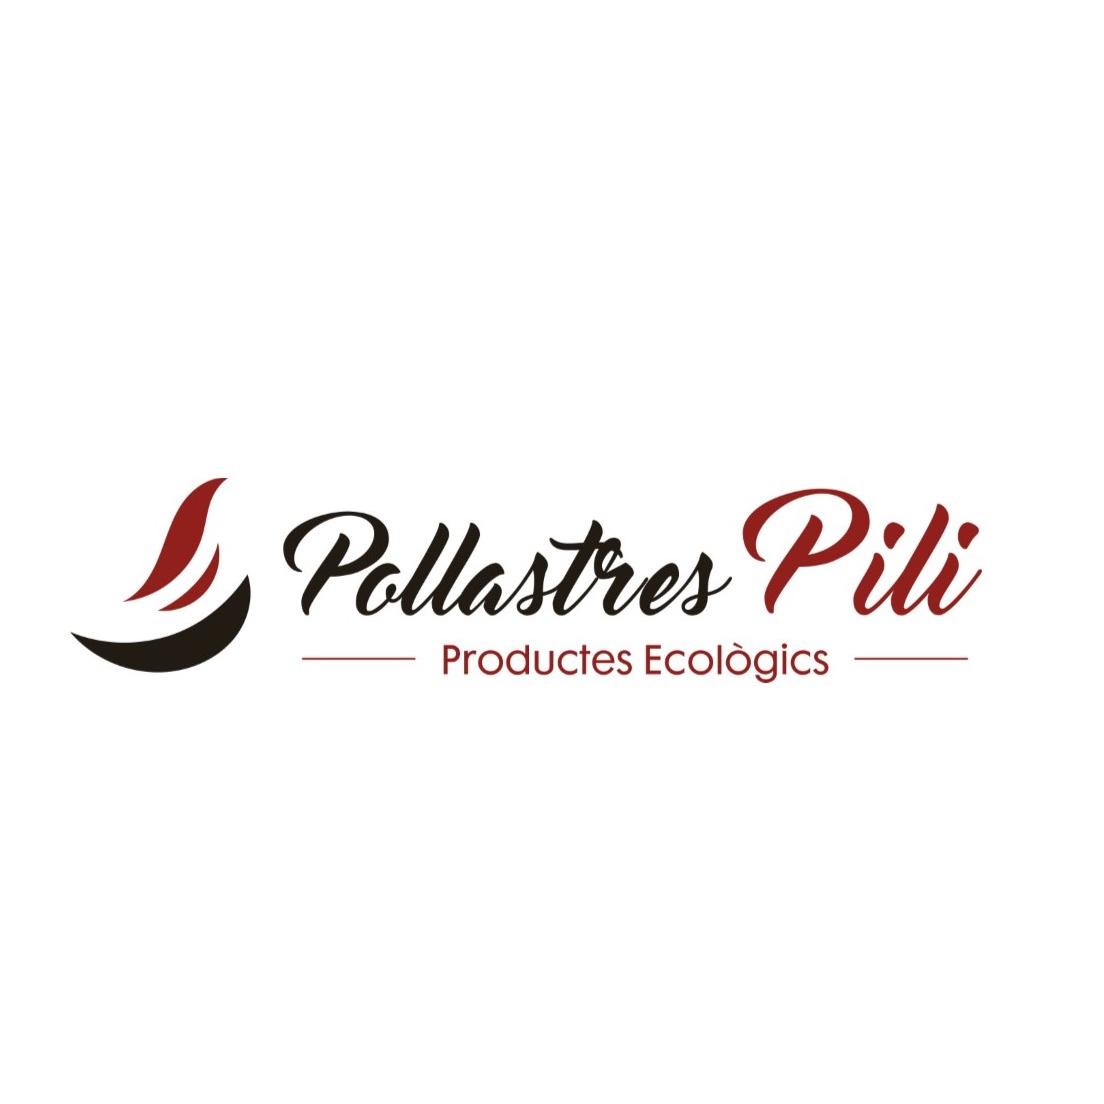 Logo comerç Pollastres Pili (Productes ecològics) - Mercat Central de Tarragona